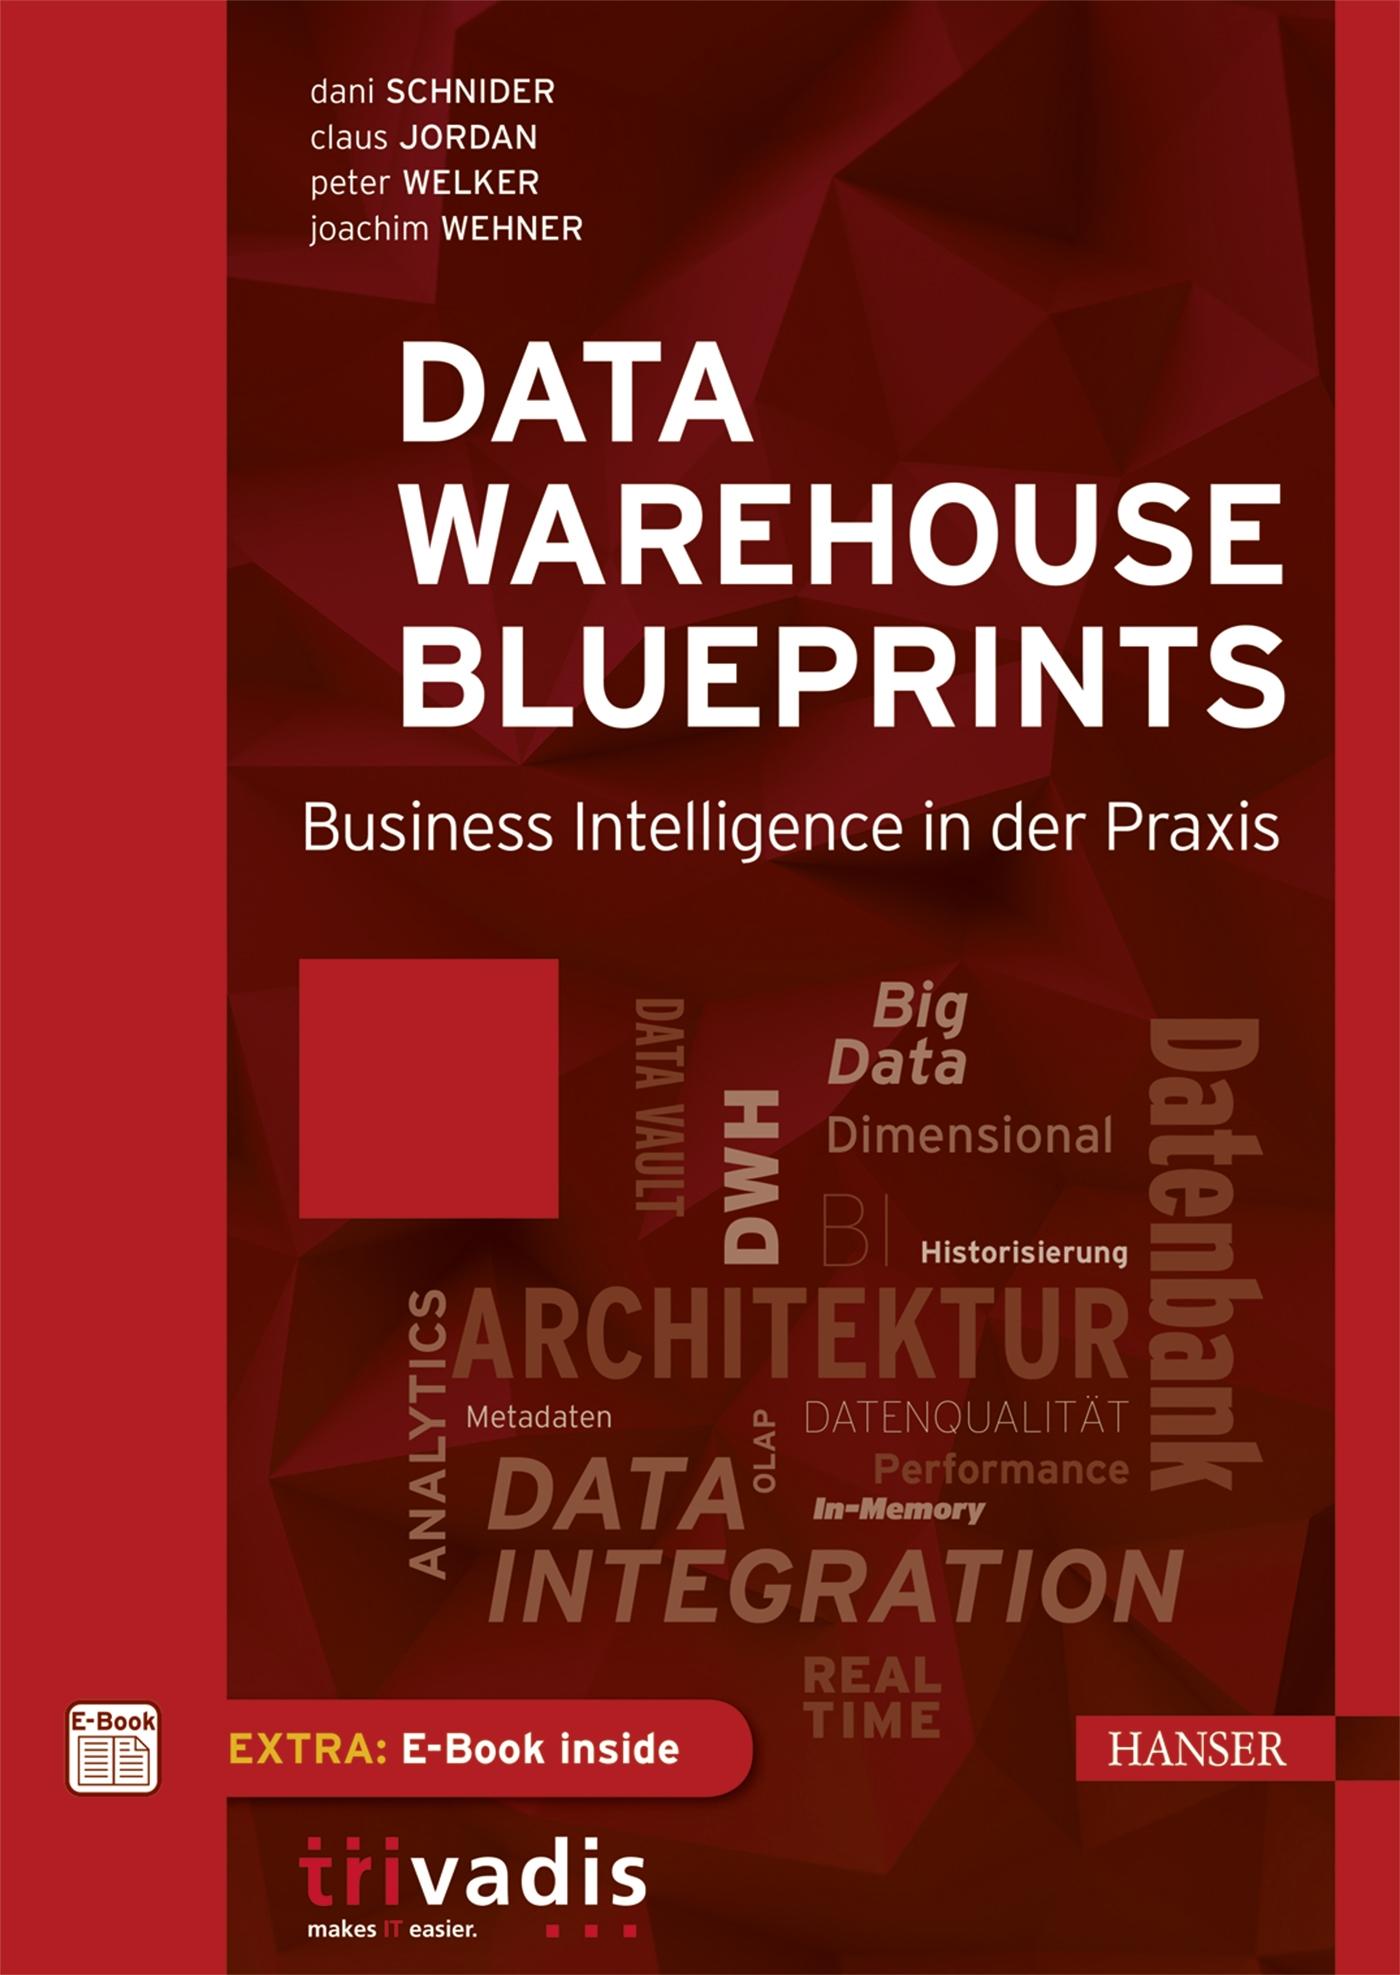 Data Warehouse Blueprints - Hanser Fachbuch